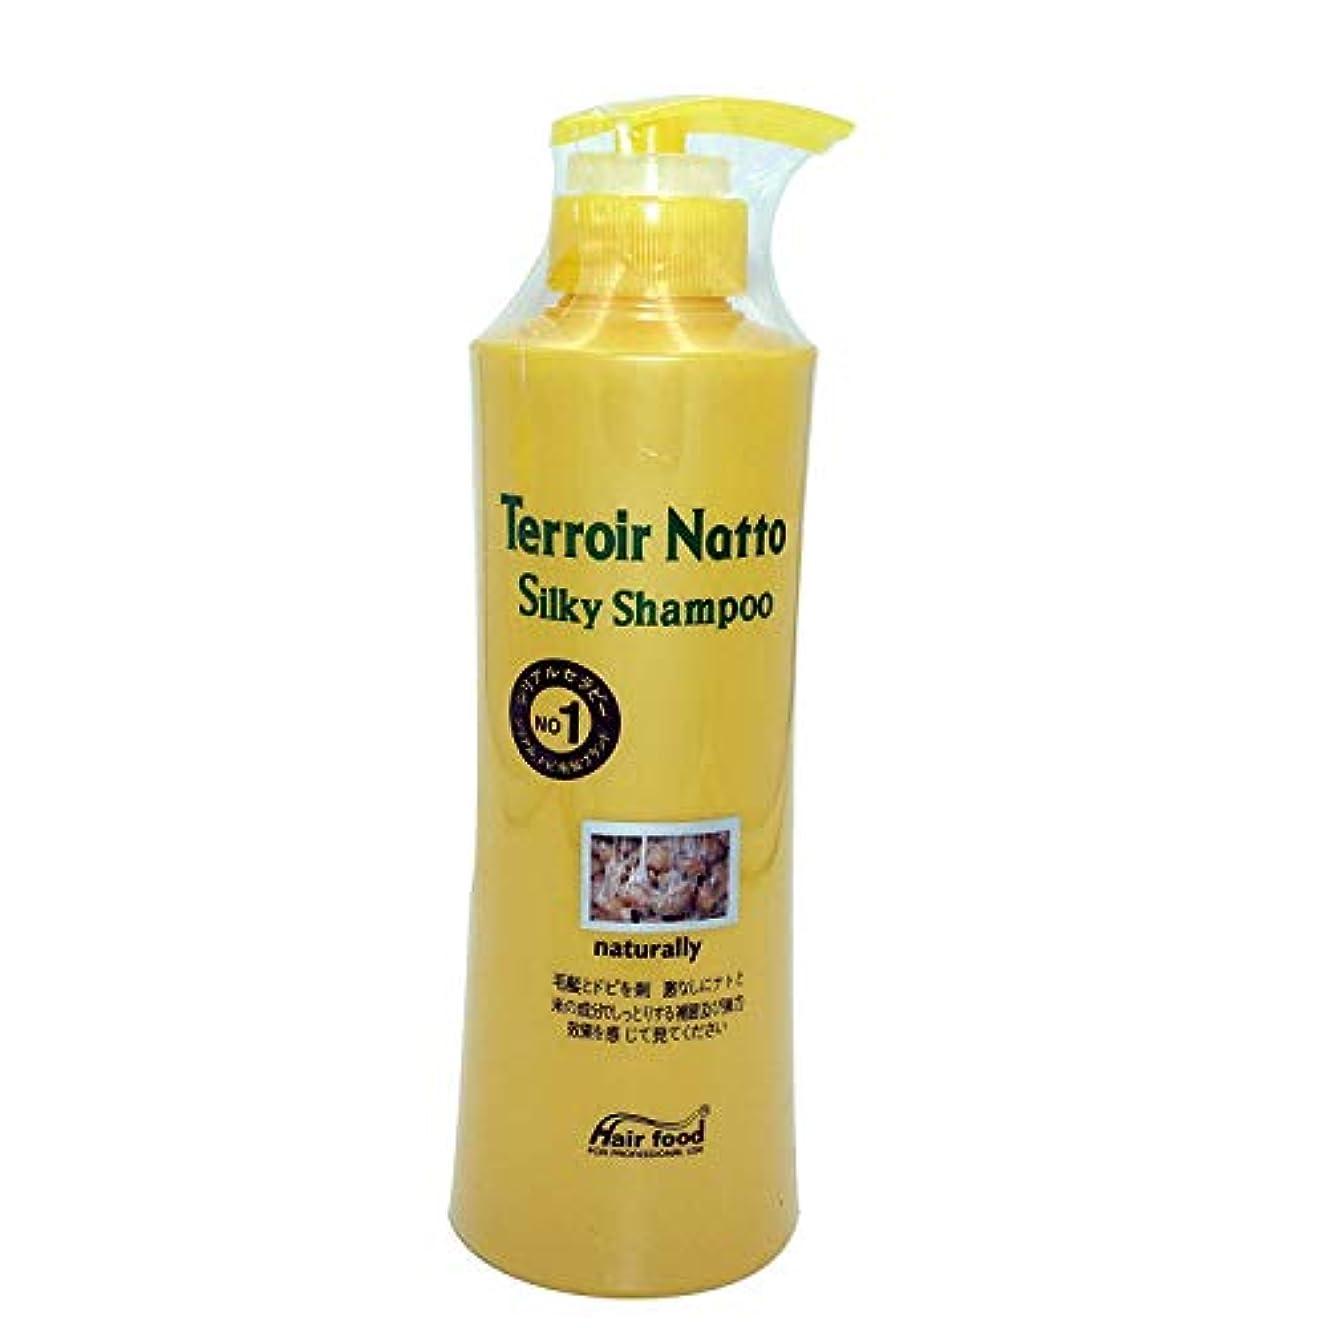 ポテト東方軍Hair food テロワール納豆シルキーシャンプー500ml、乾燥薄毛とセンシティブな頭皮用 - ビタミンタンパクによる弾力ヘア (Terroir Natto Silky Shampoo 500ml for Dry Thin...